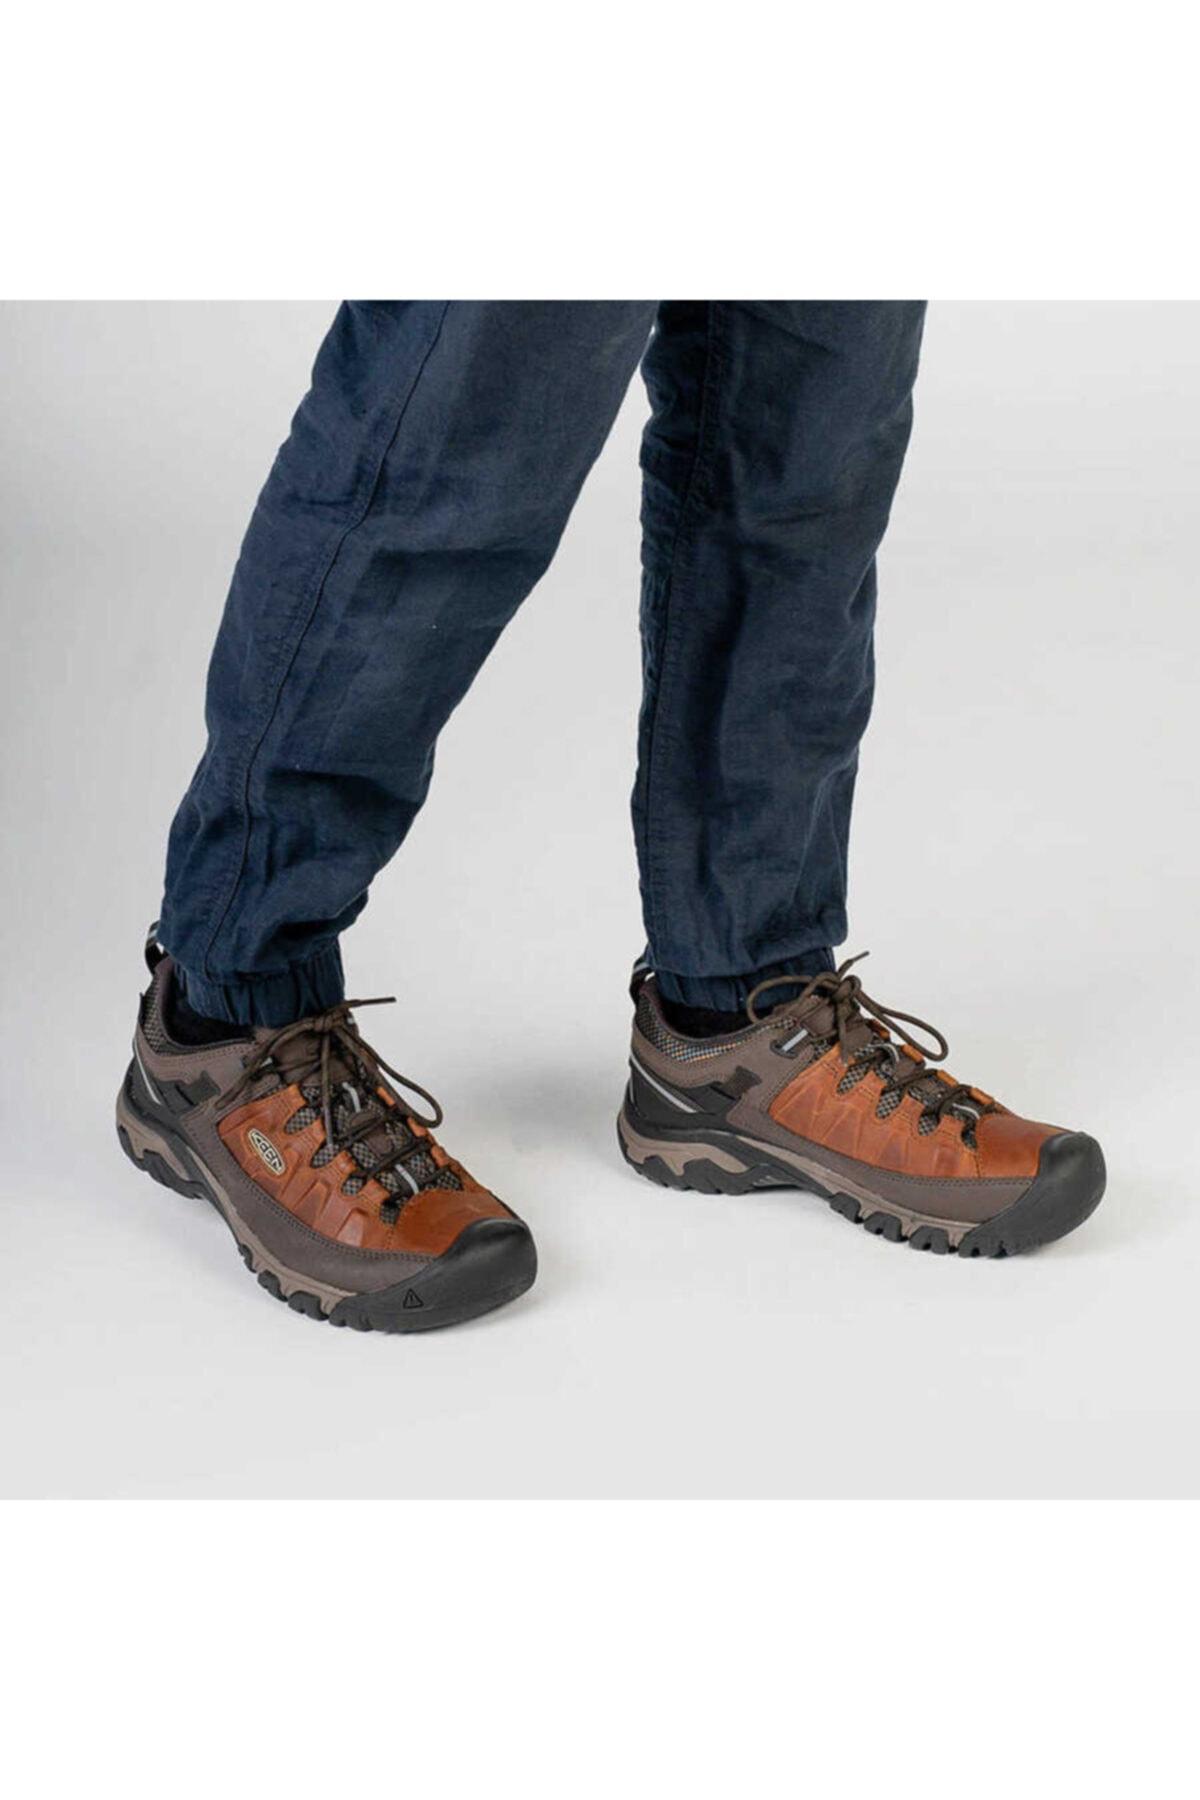 Keen Erkek Kahverengi Su Geçirmez Deri Ayakkabı Targhee Iıı Wp 2